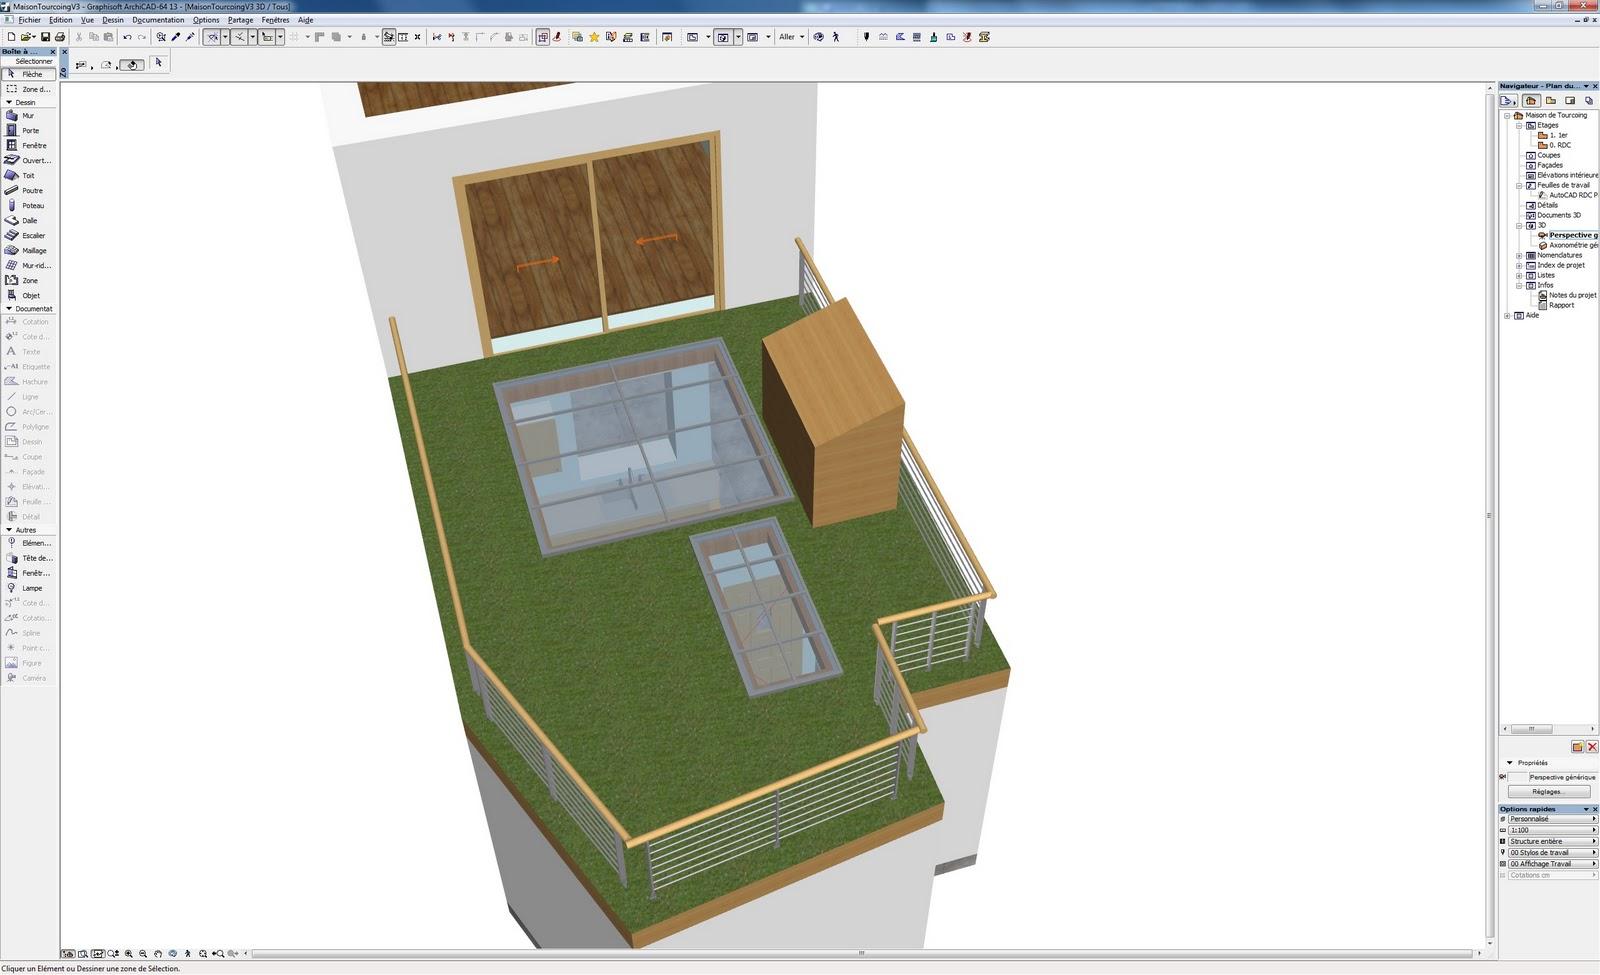 R novation de ma maison 3d de l 39 exterieur avec baie vitr e for Exterieur maison 3d